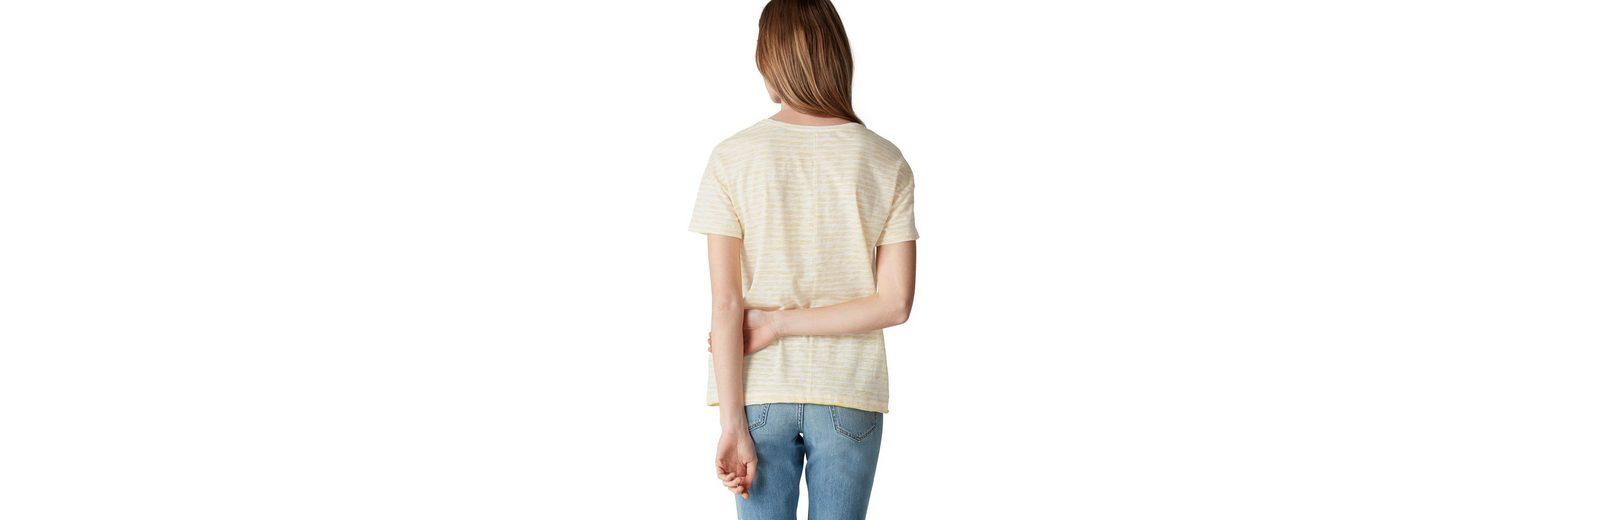 Marc O'Polo T-Shirt Neueste Online Billig Erschwinglich Finish Zum Verkauf Erstaunlicher Preis Günstig Online EzEv86t4C